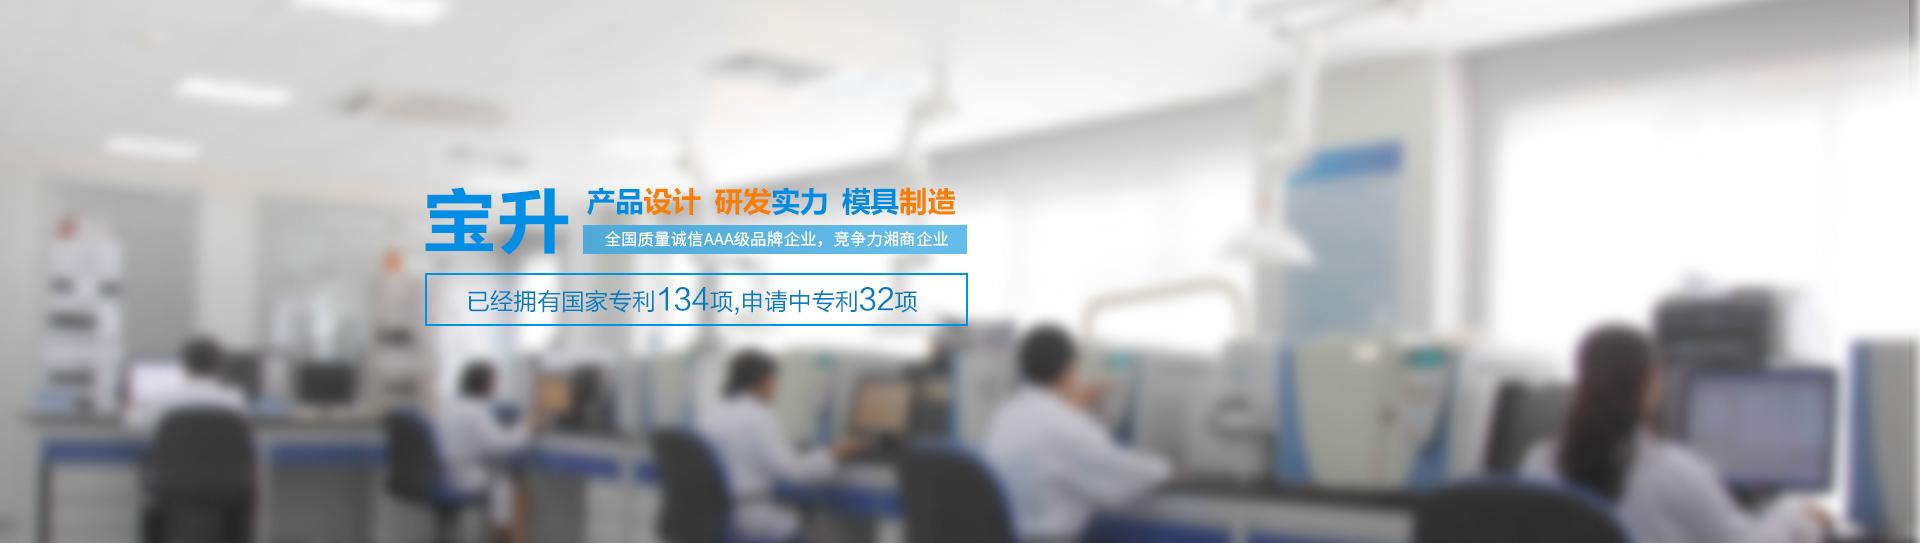 湖南万博体育manbetx手机版万博亚洲体育官网